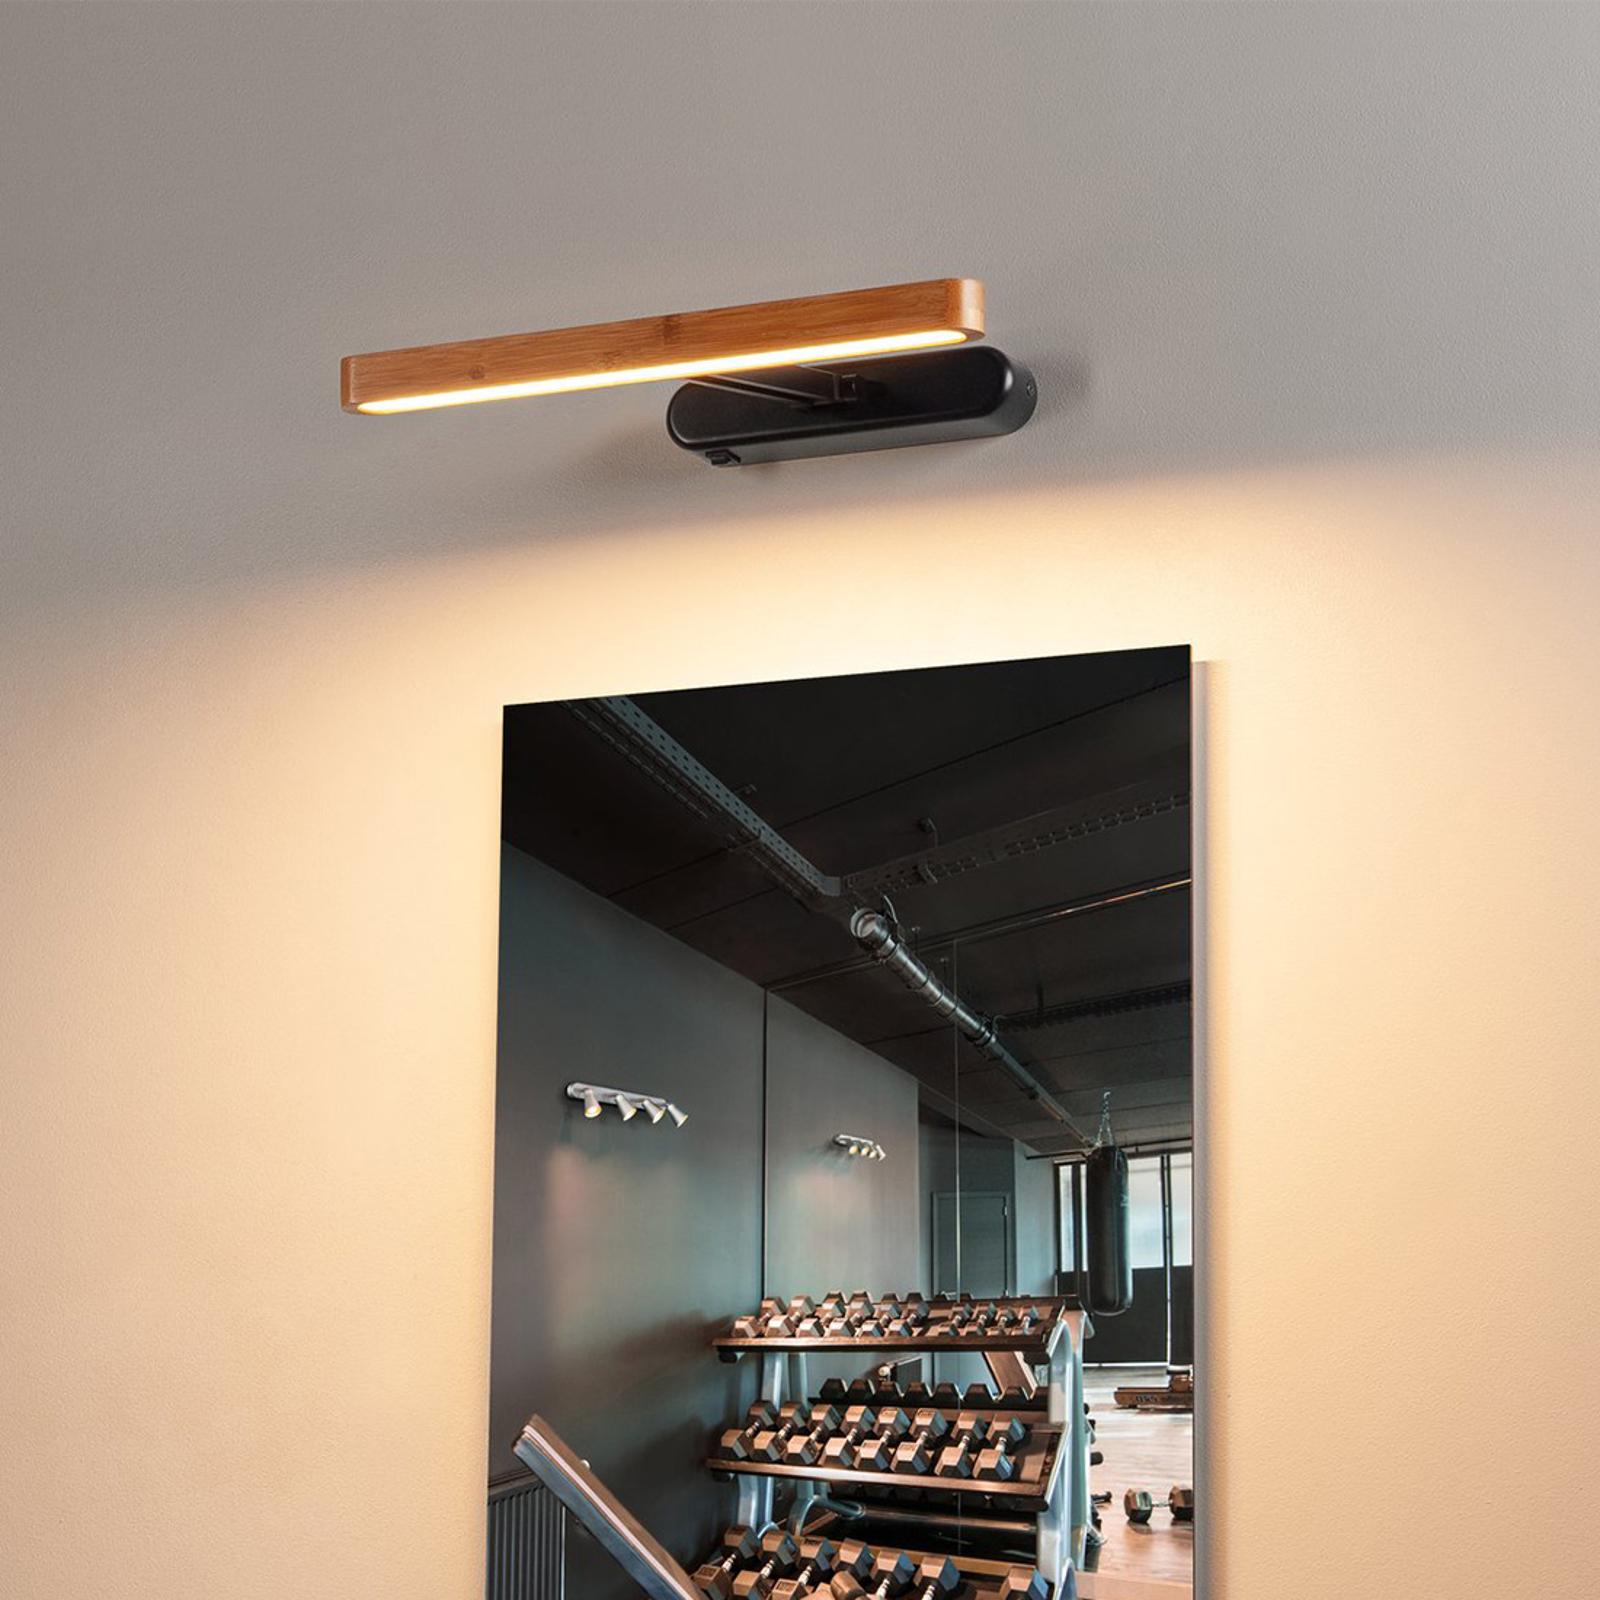 SLV Vincelli D LED-Wandleuchte Ausladung 10,4 cm